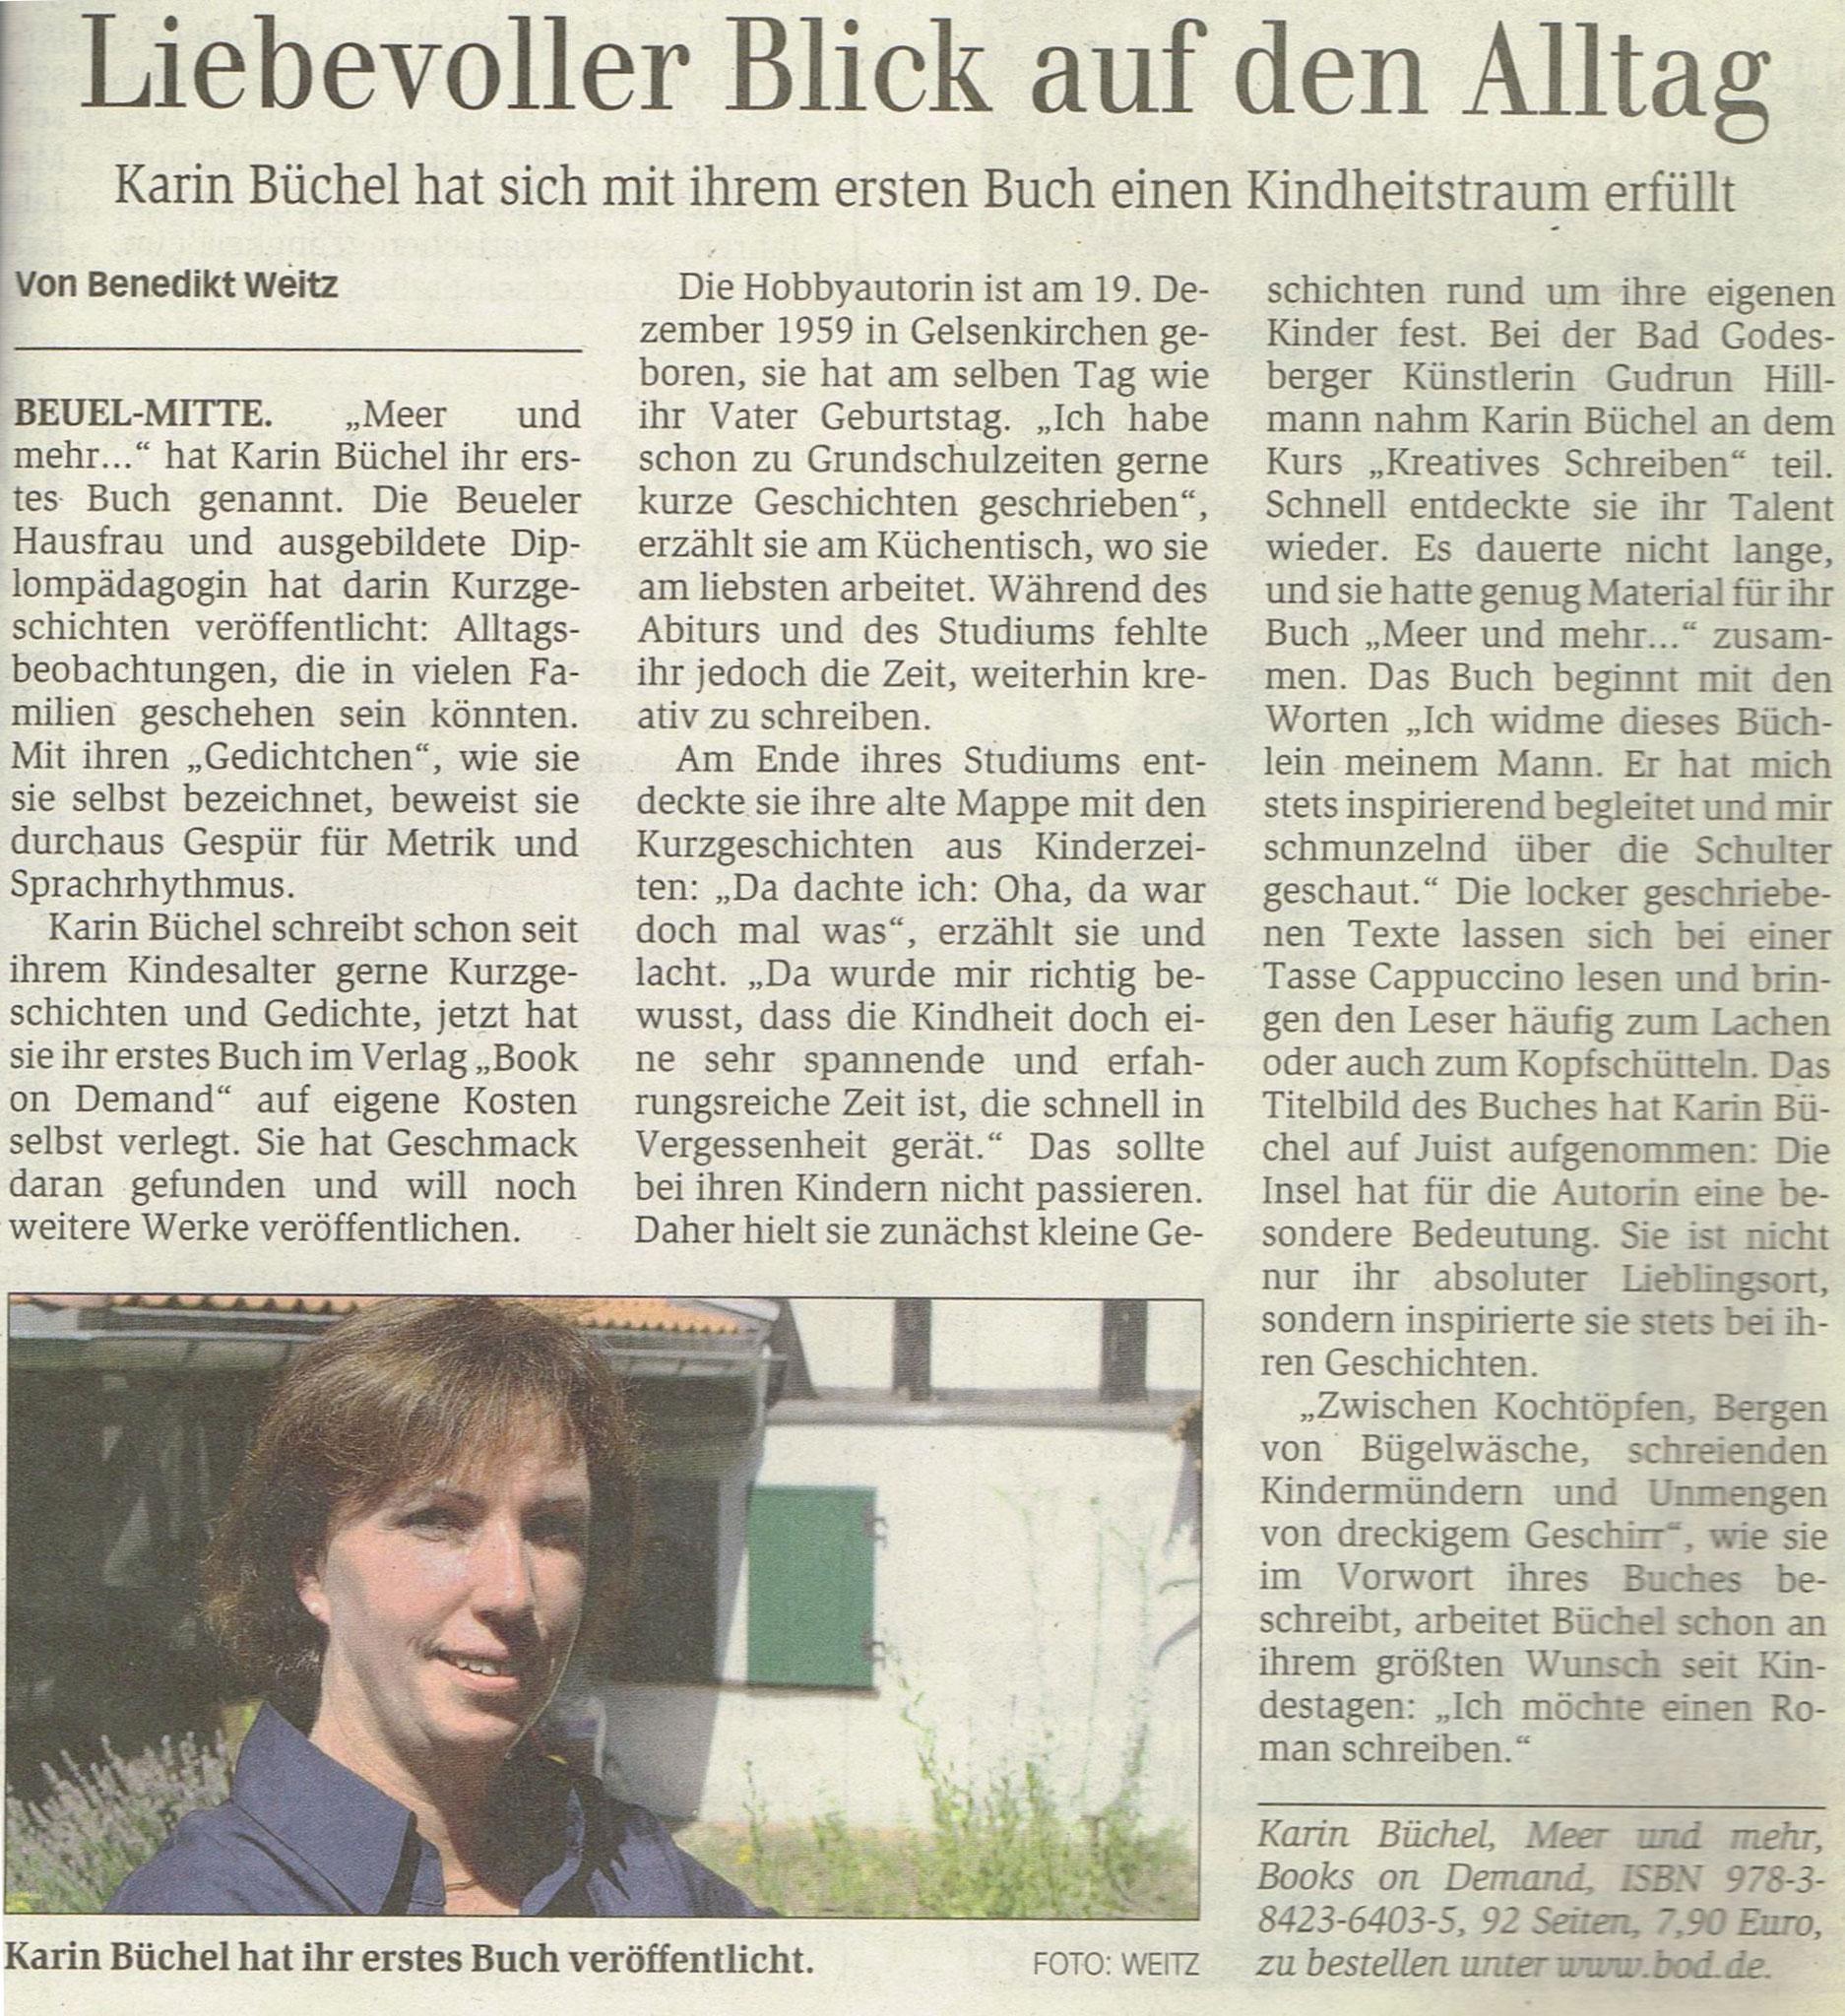 Generalanzeiger, 13. August 2011